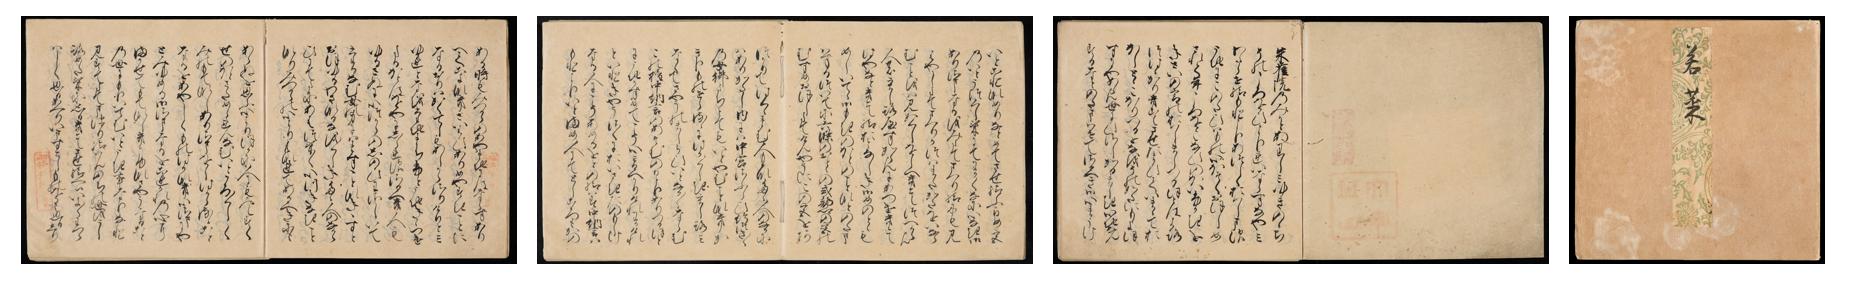 Genji monogatari wakananoue